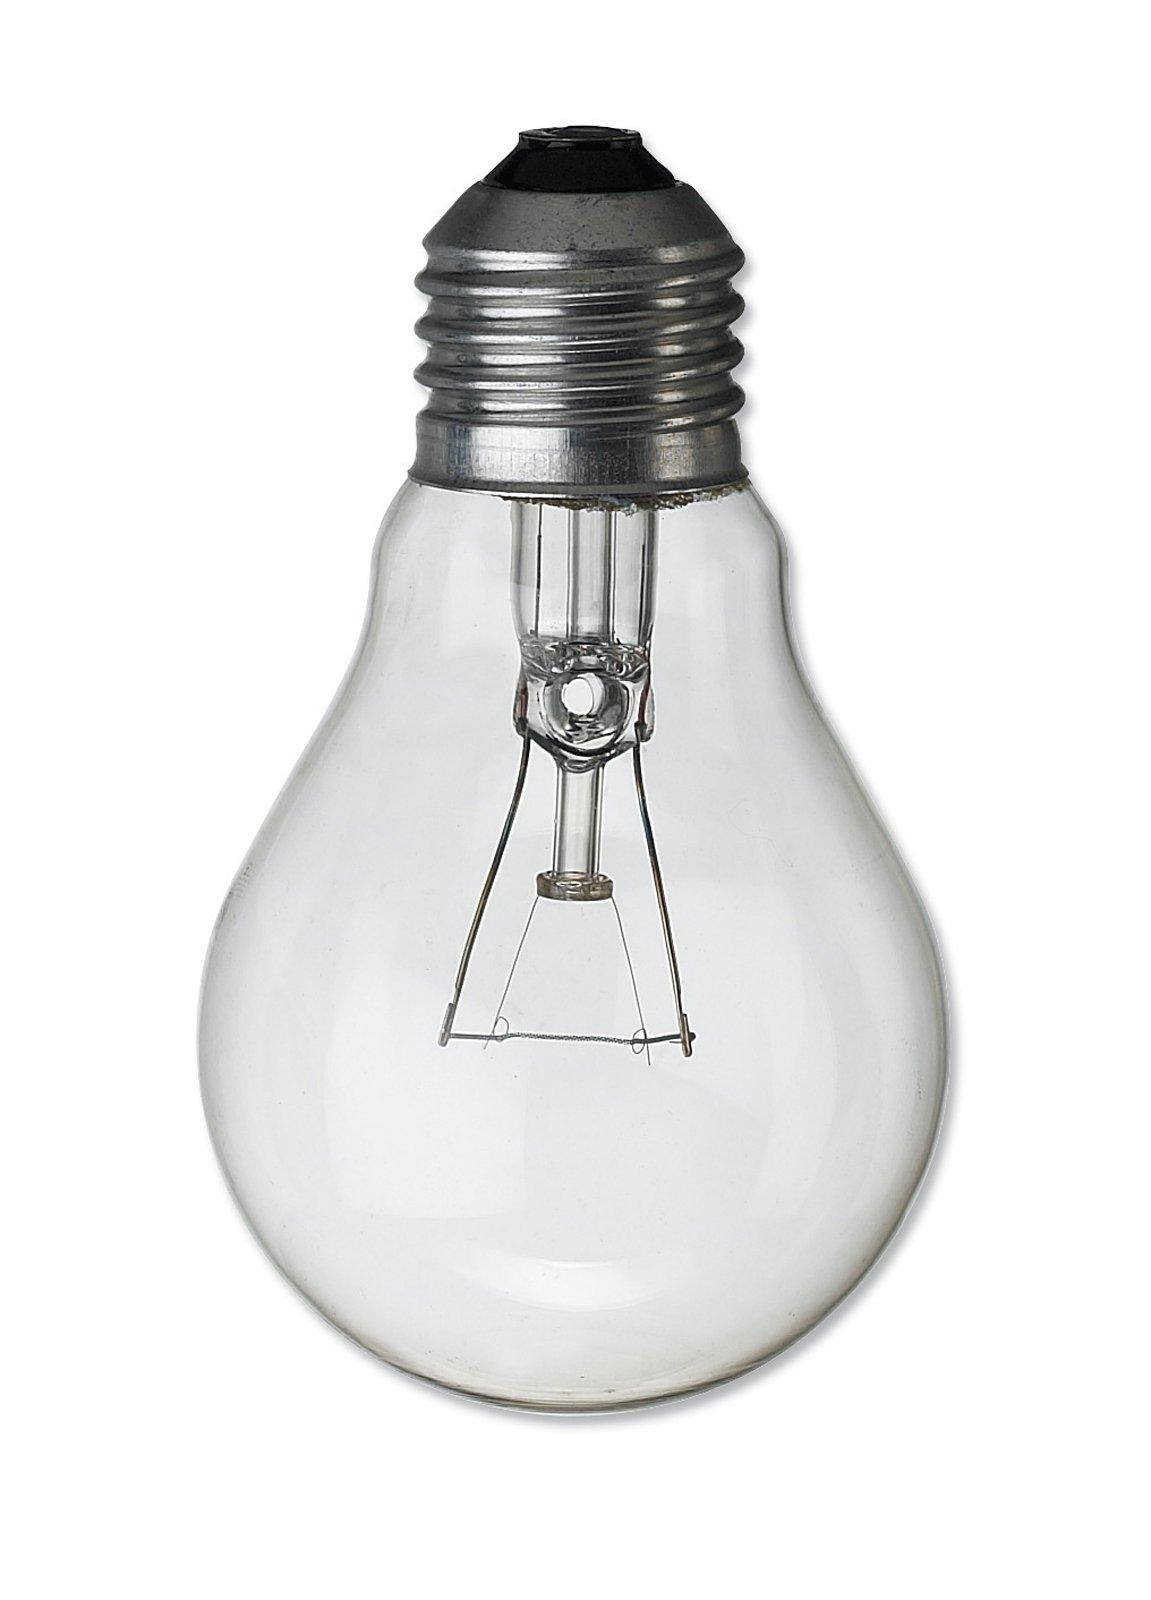 Sembra la classica lampadina a goccia, invece Goccia Chiara 12V di ...